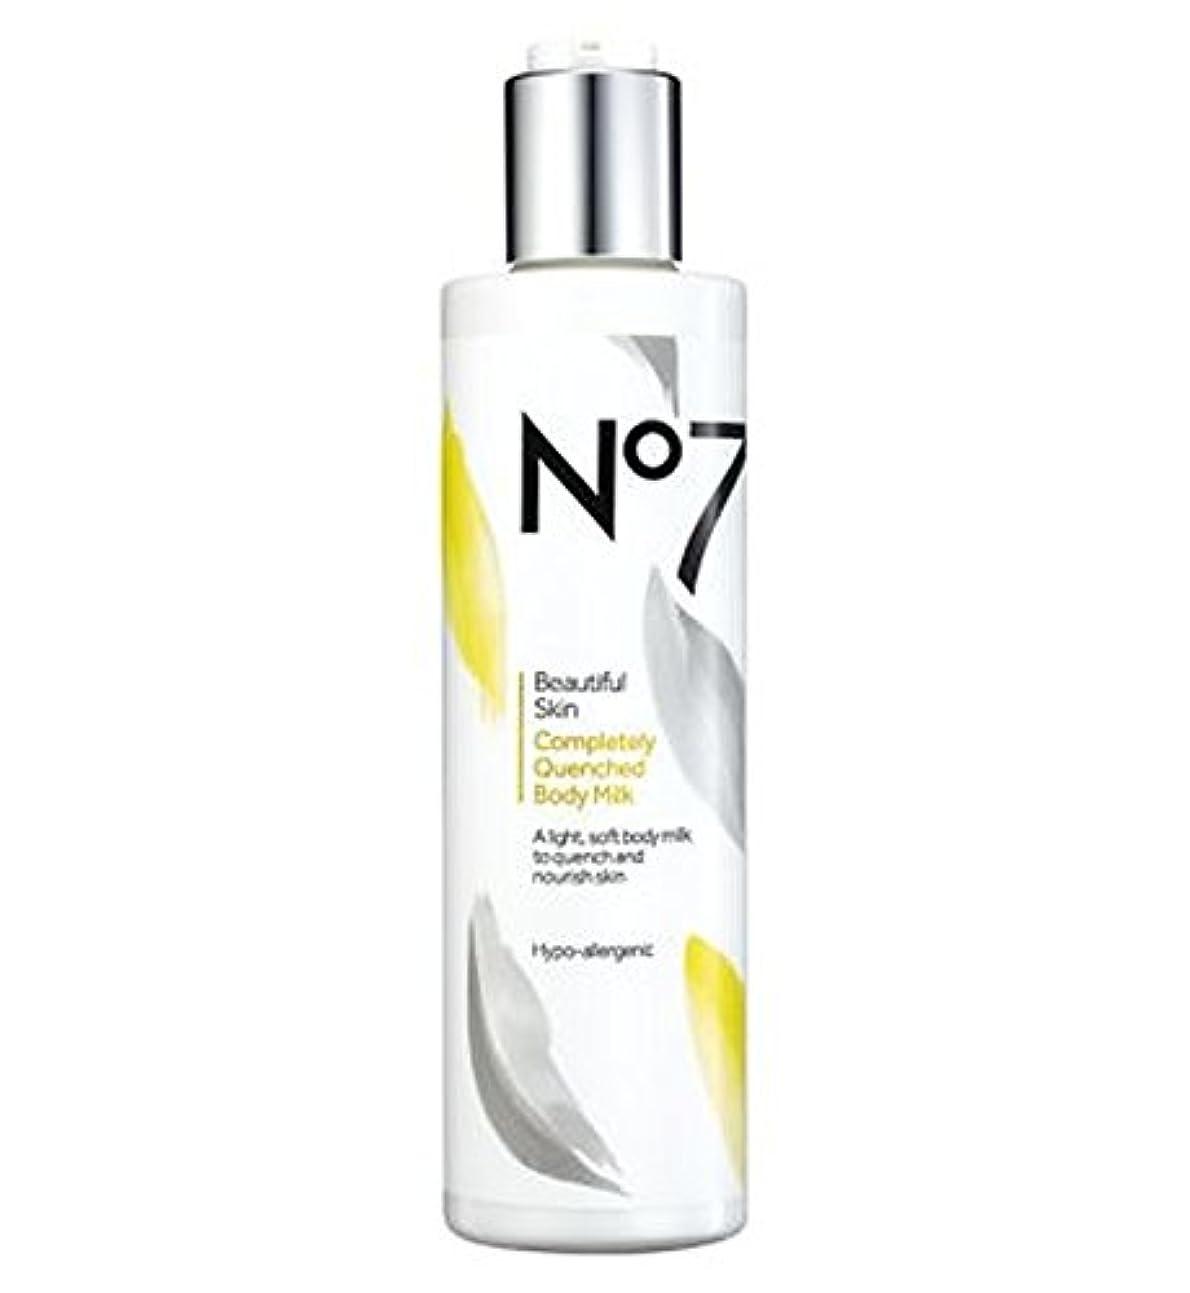 ターゲット移行告発No7 Beautiful Skin Completely Quenched Body Milk - No7美しい肌完全に急冷ボディミルク (No7) [並行輸入品]